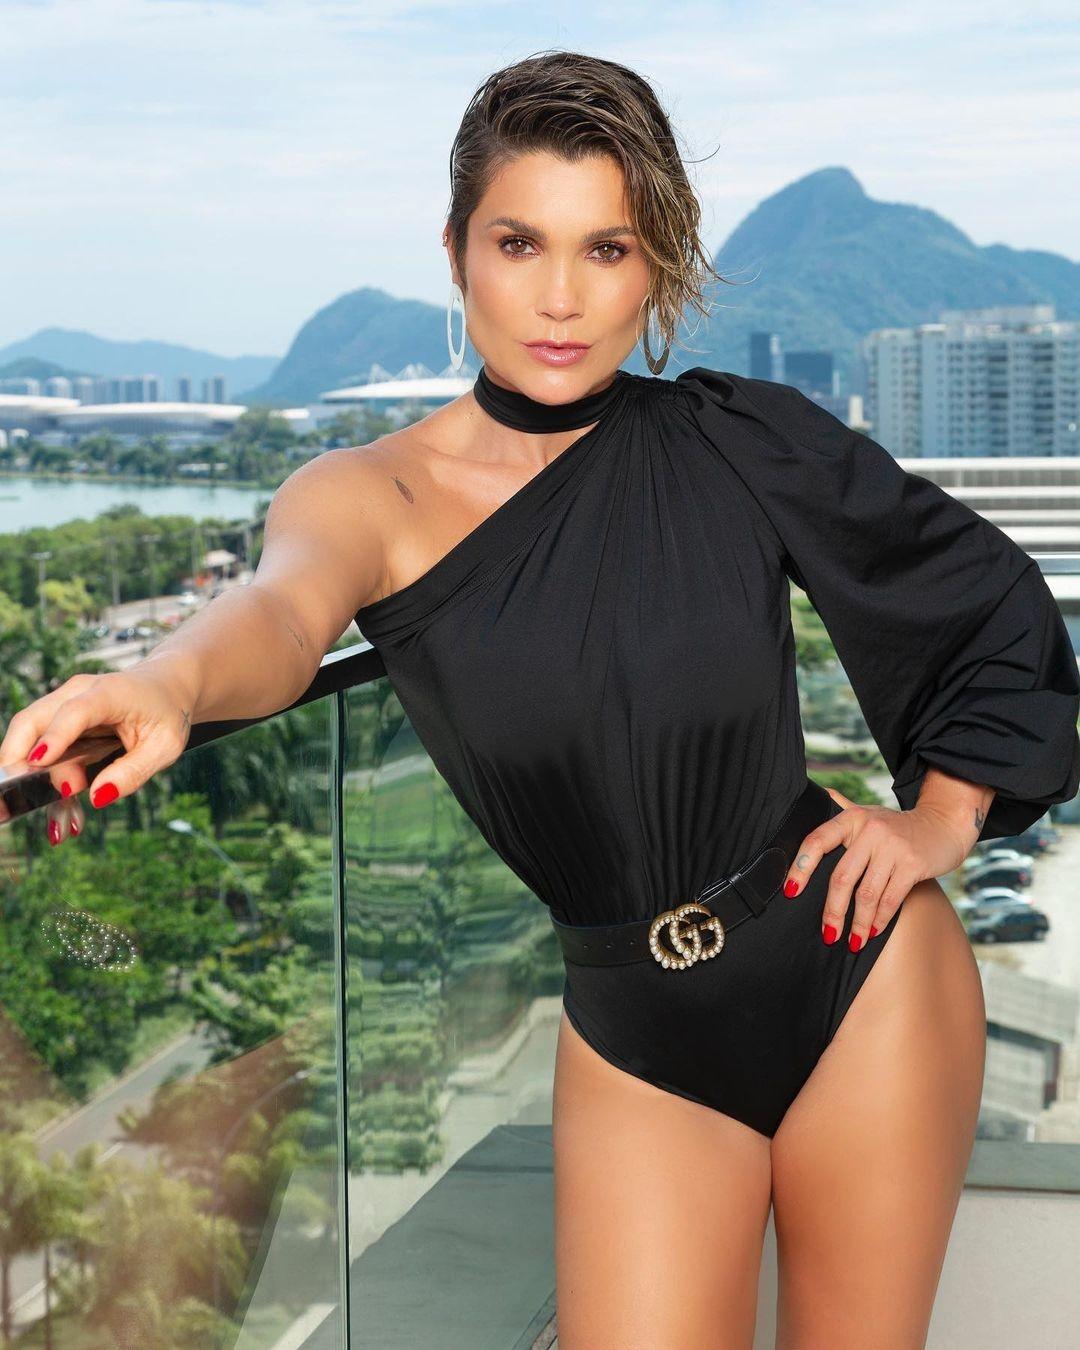 Flávia Alessandra faz ensaio na varanda e fãs comentam que ela parece a Jennifer Lopez (Foto: Reprodução/Instagram)